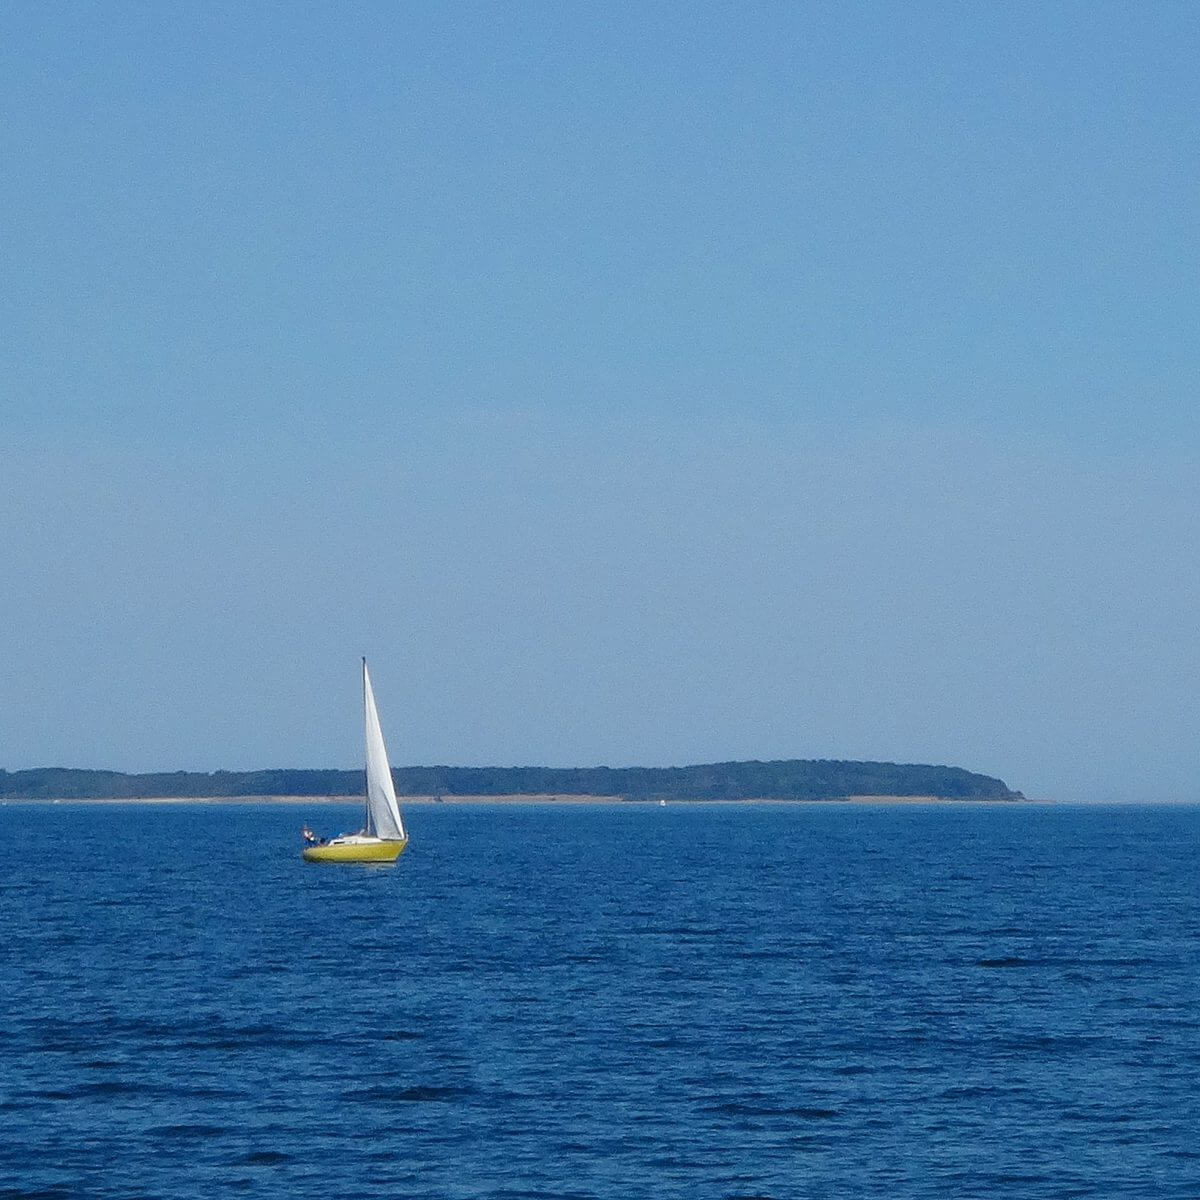 Vakantie met kids: sprookjesachtig Funen in Denemarken - Bogense piratentocht op zee zeilschip de Castor, eiland Æbelø